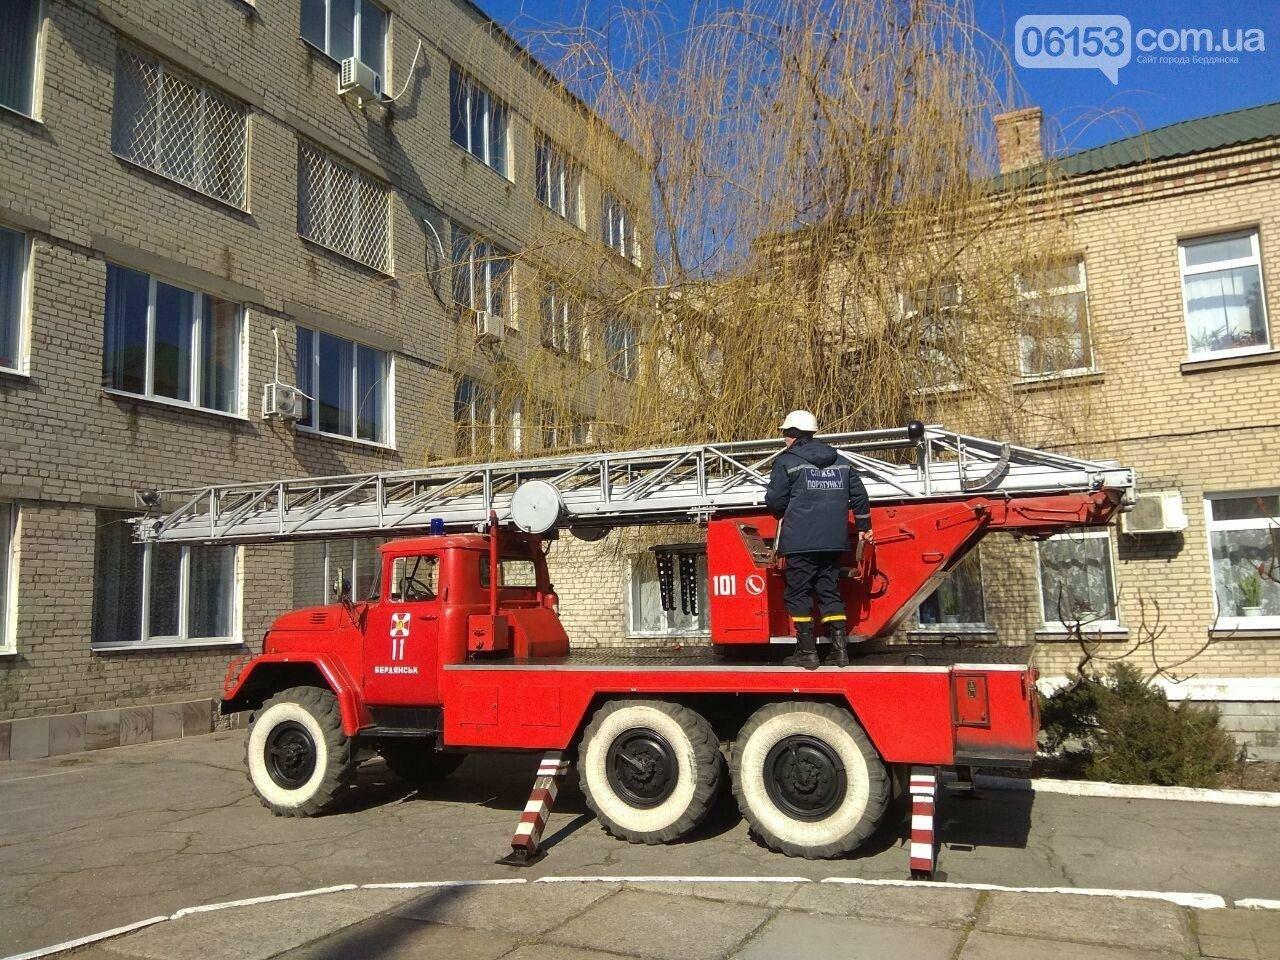 Три малоизвестных факта о бердянской пожарной части, фото-3